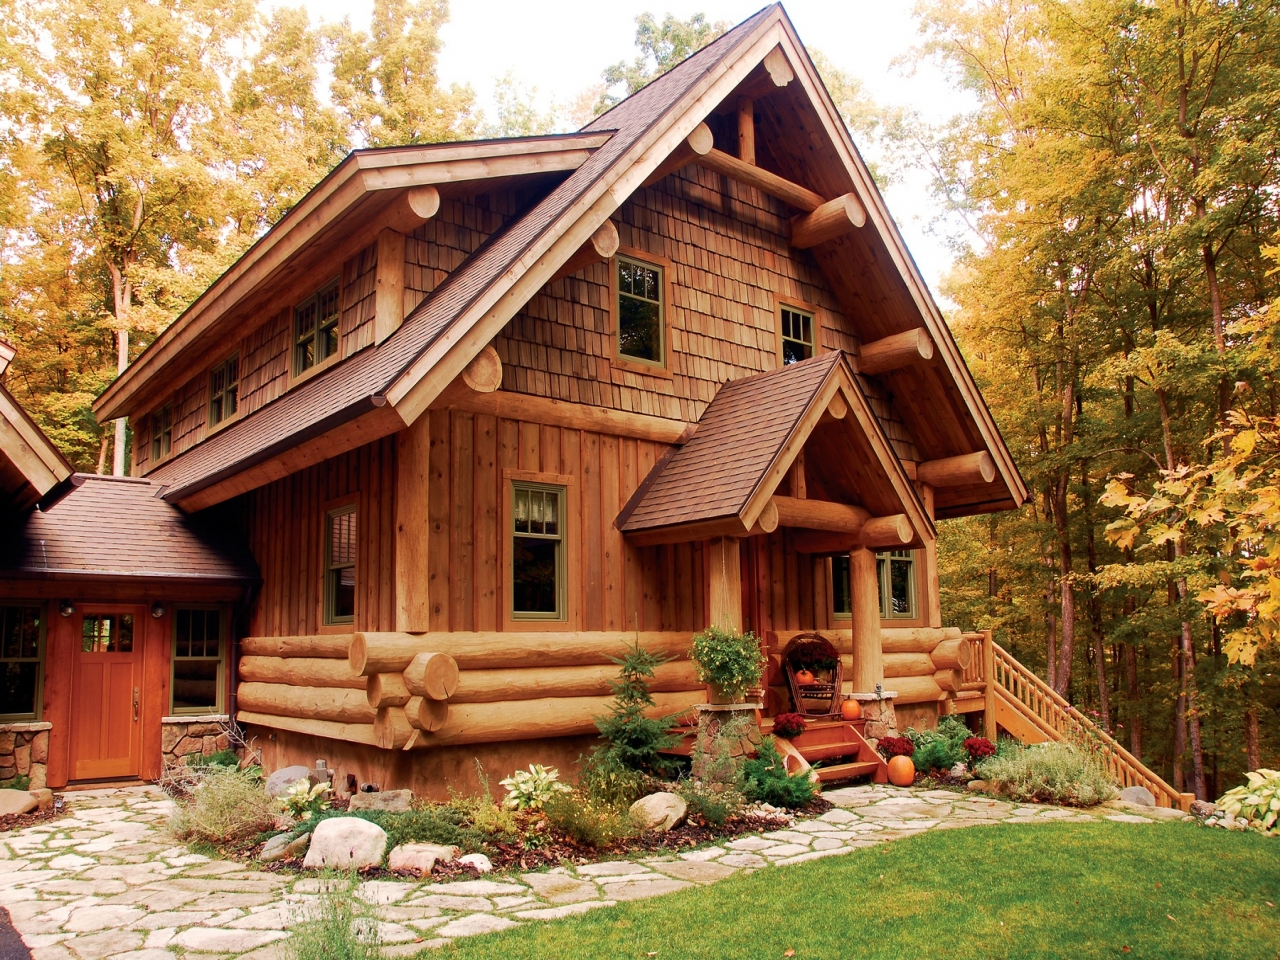 Строительство деревянных домов: особенности и нюансы